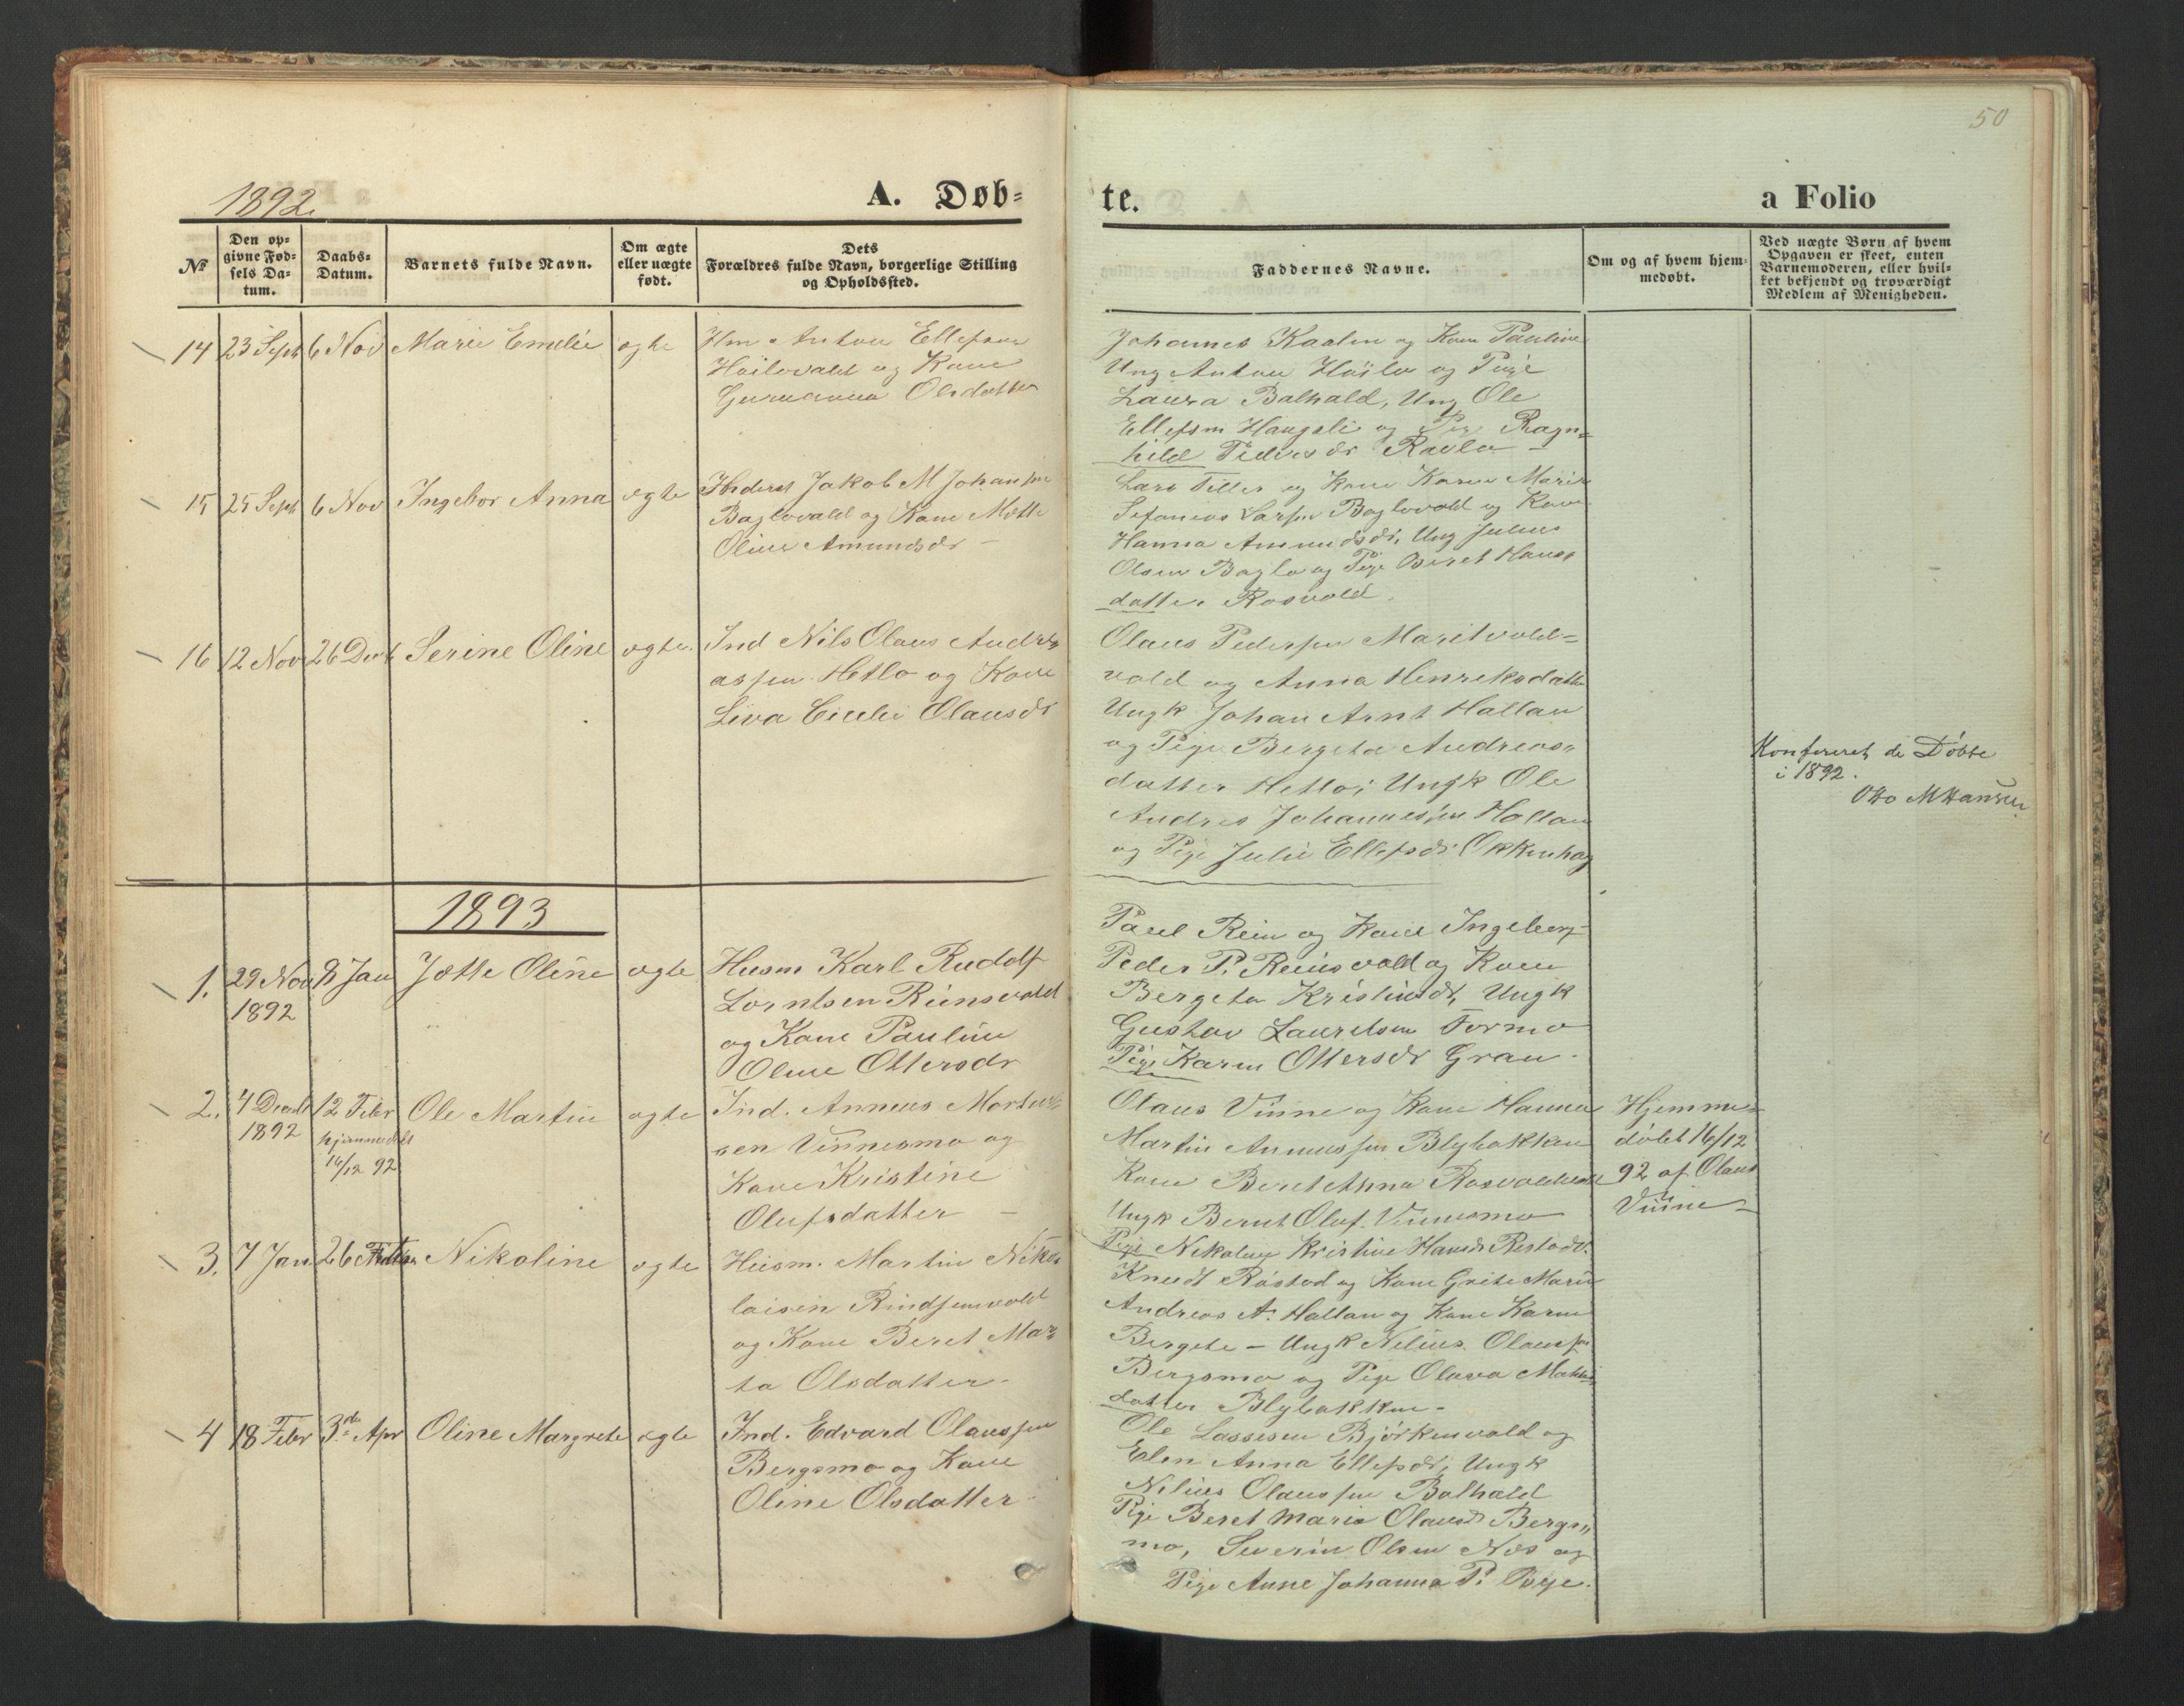 SAT, Ministerialprotokoller, klokkerbøker og fødselsregistre - Nord-Trøndelag, 726/L0271: Klokkerbok nr. 726C02, 1869-1897, s. 50